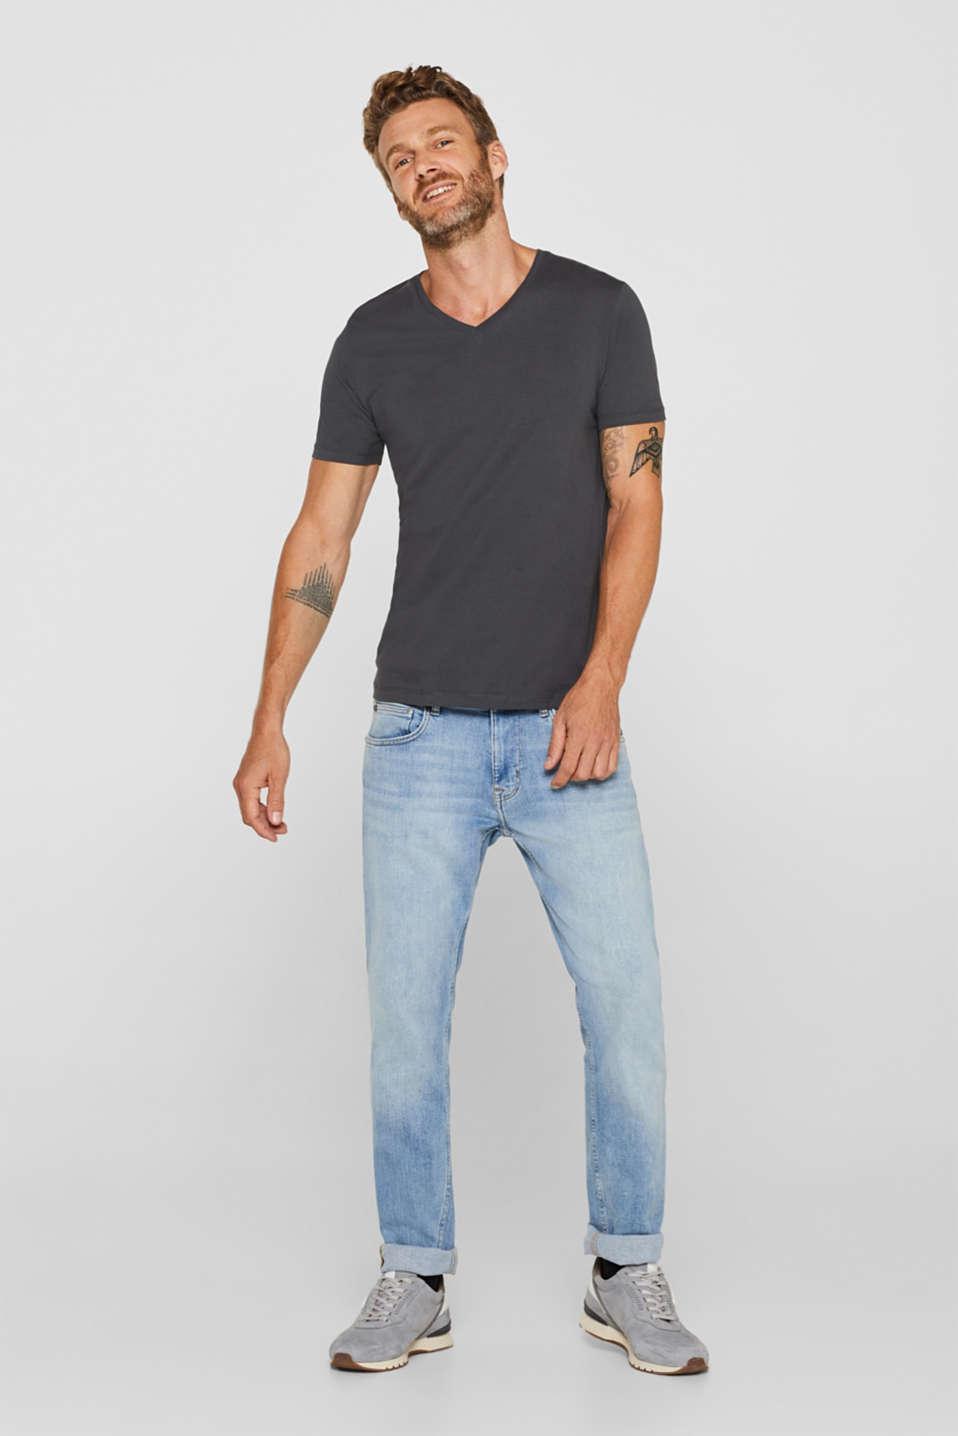 Jersey shirt made of organic cotton, DARK GREY, detail image number 4